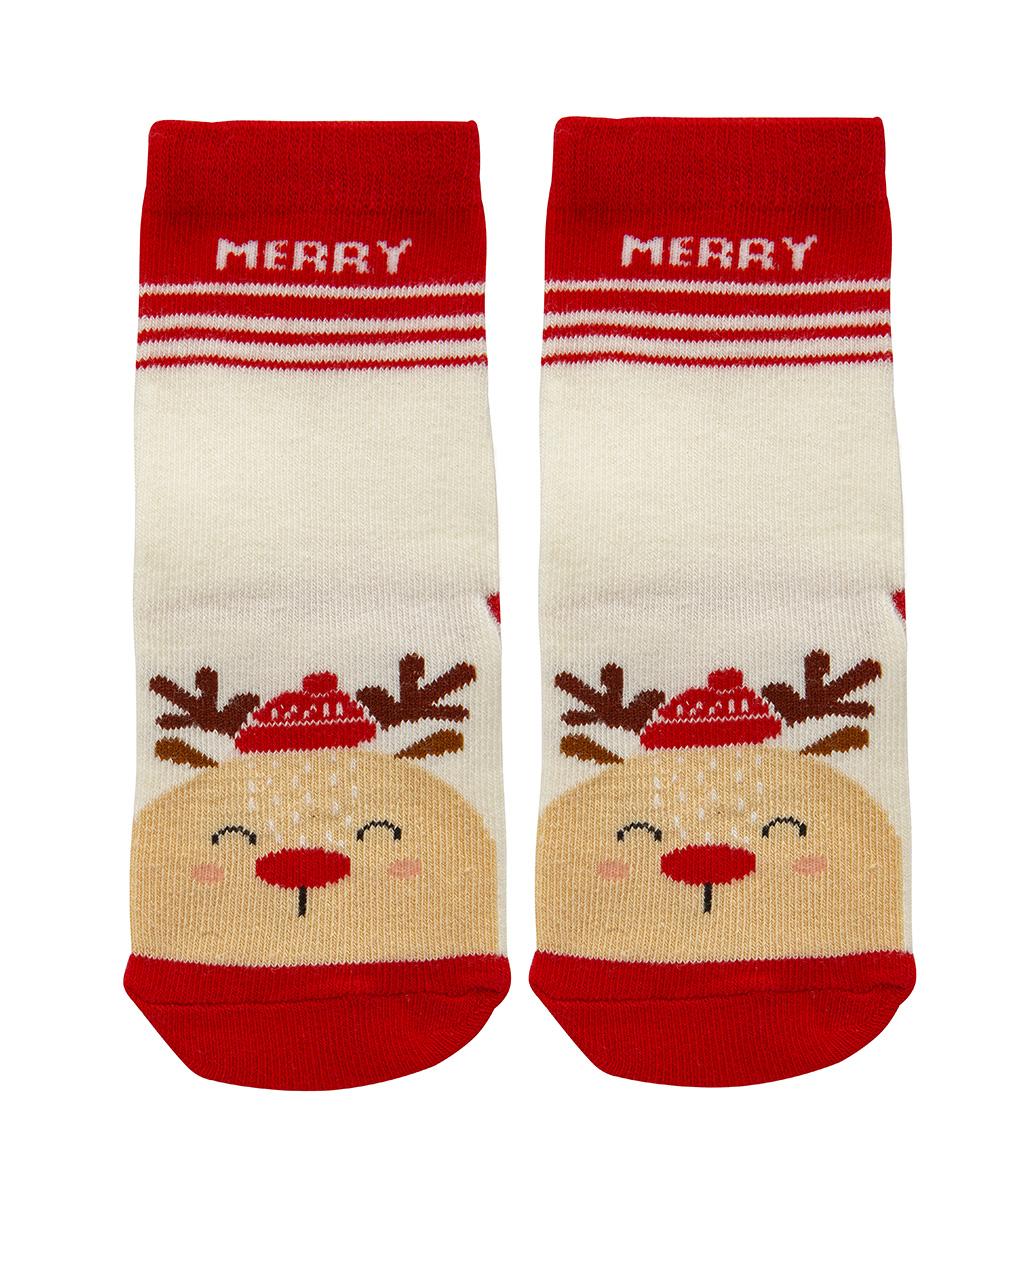 Χριστουγεννιάτικα αντιολισθητικά καλτσάκια